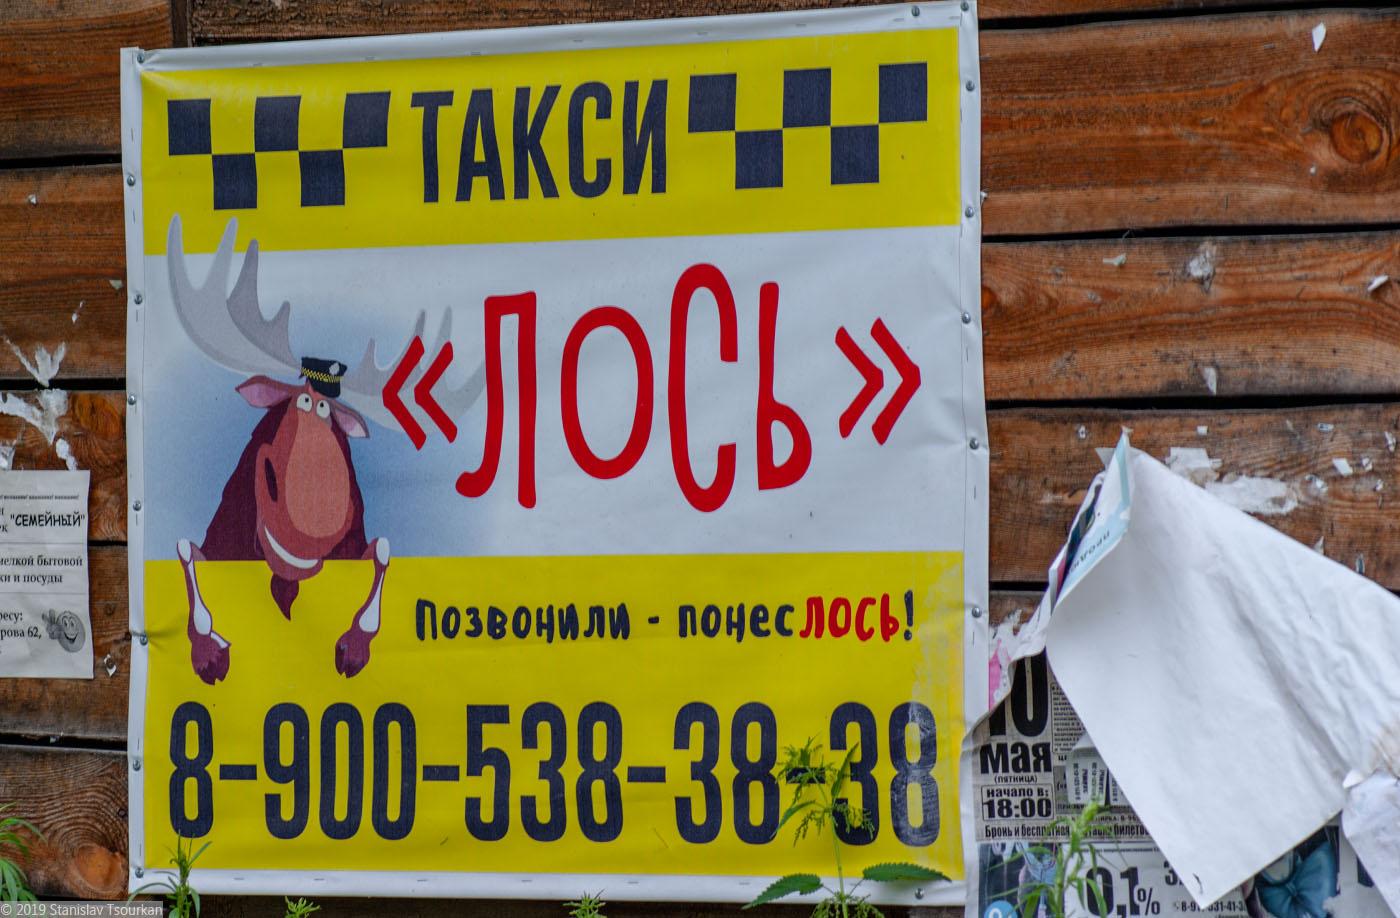 Вологодская область, Вологодчина, Великий устюг, Русский север, такси лось, лось